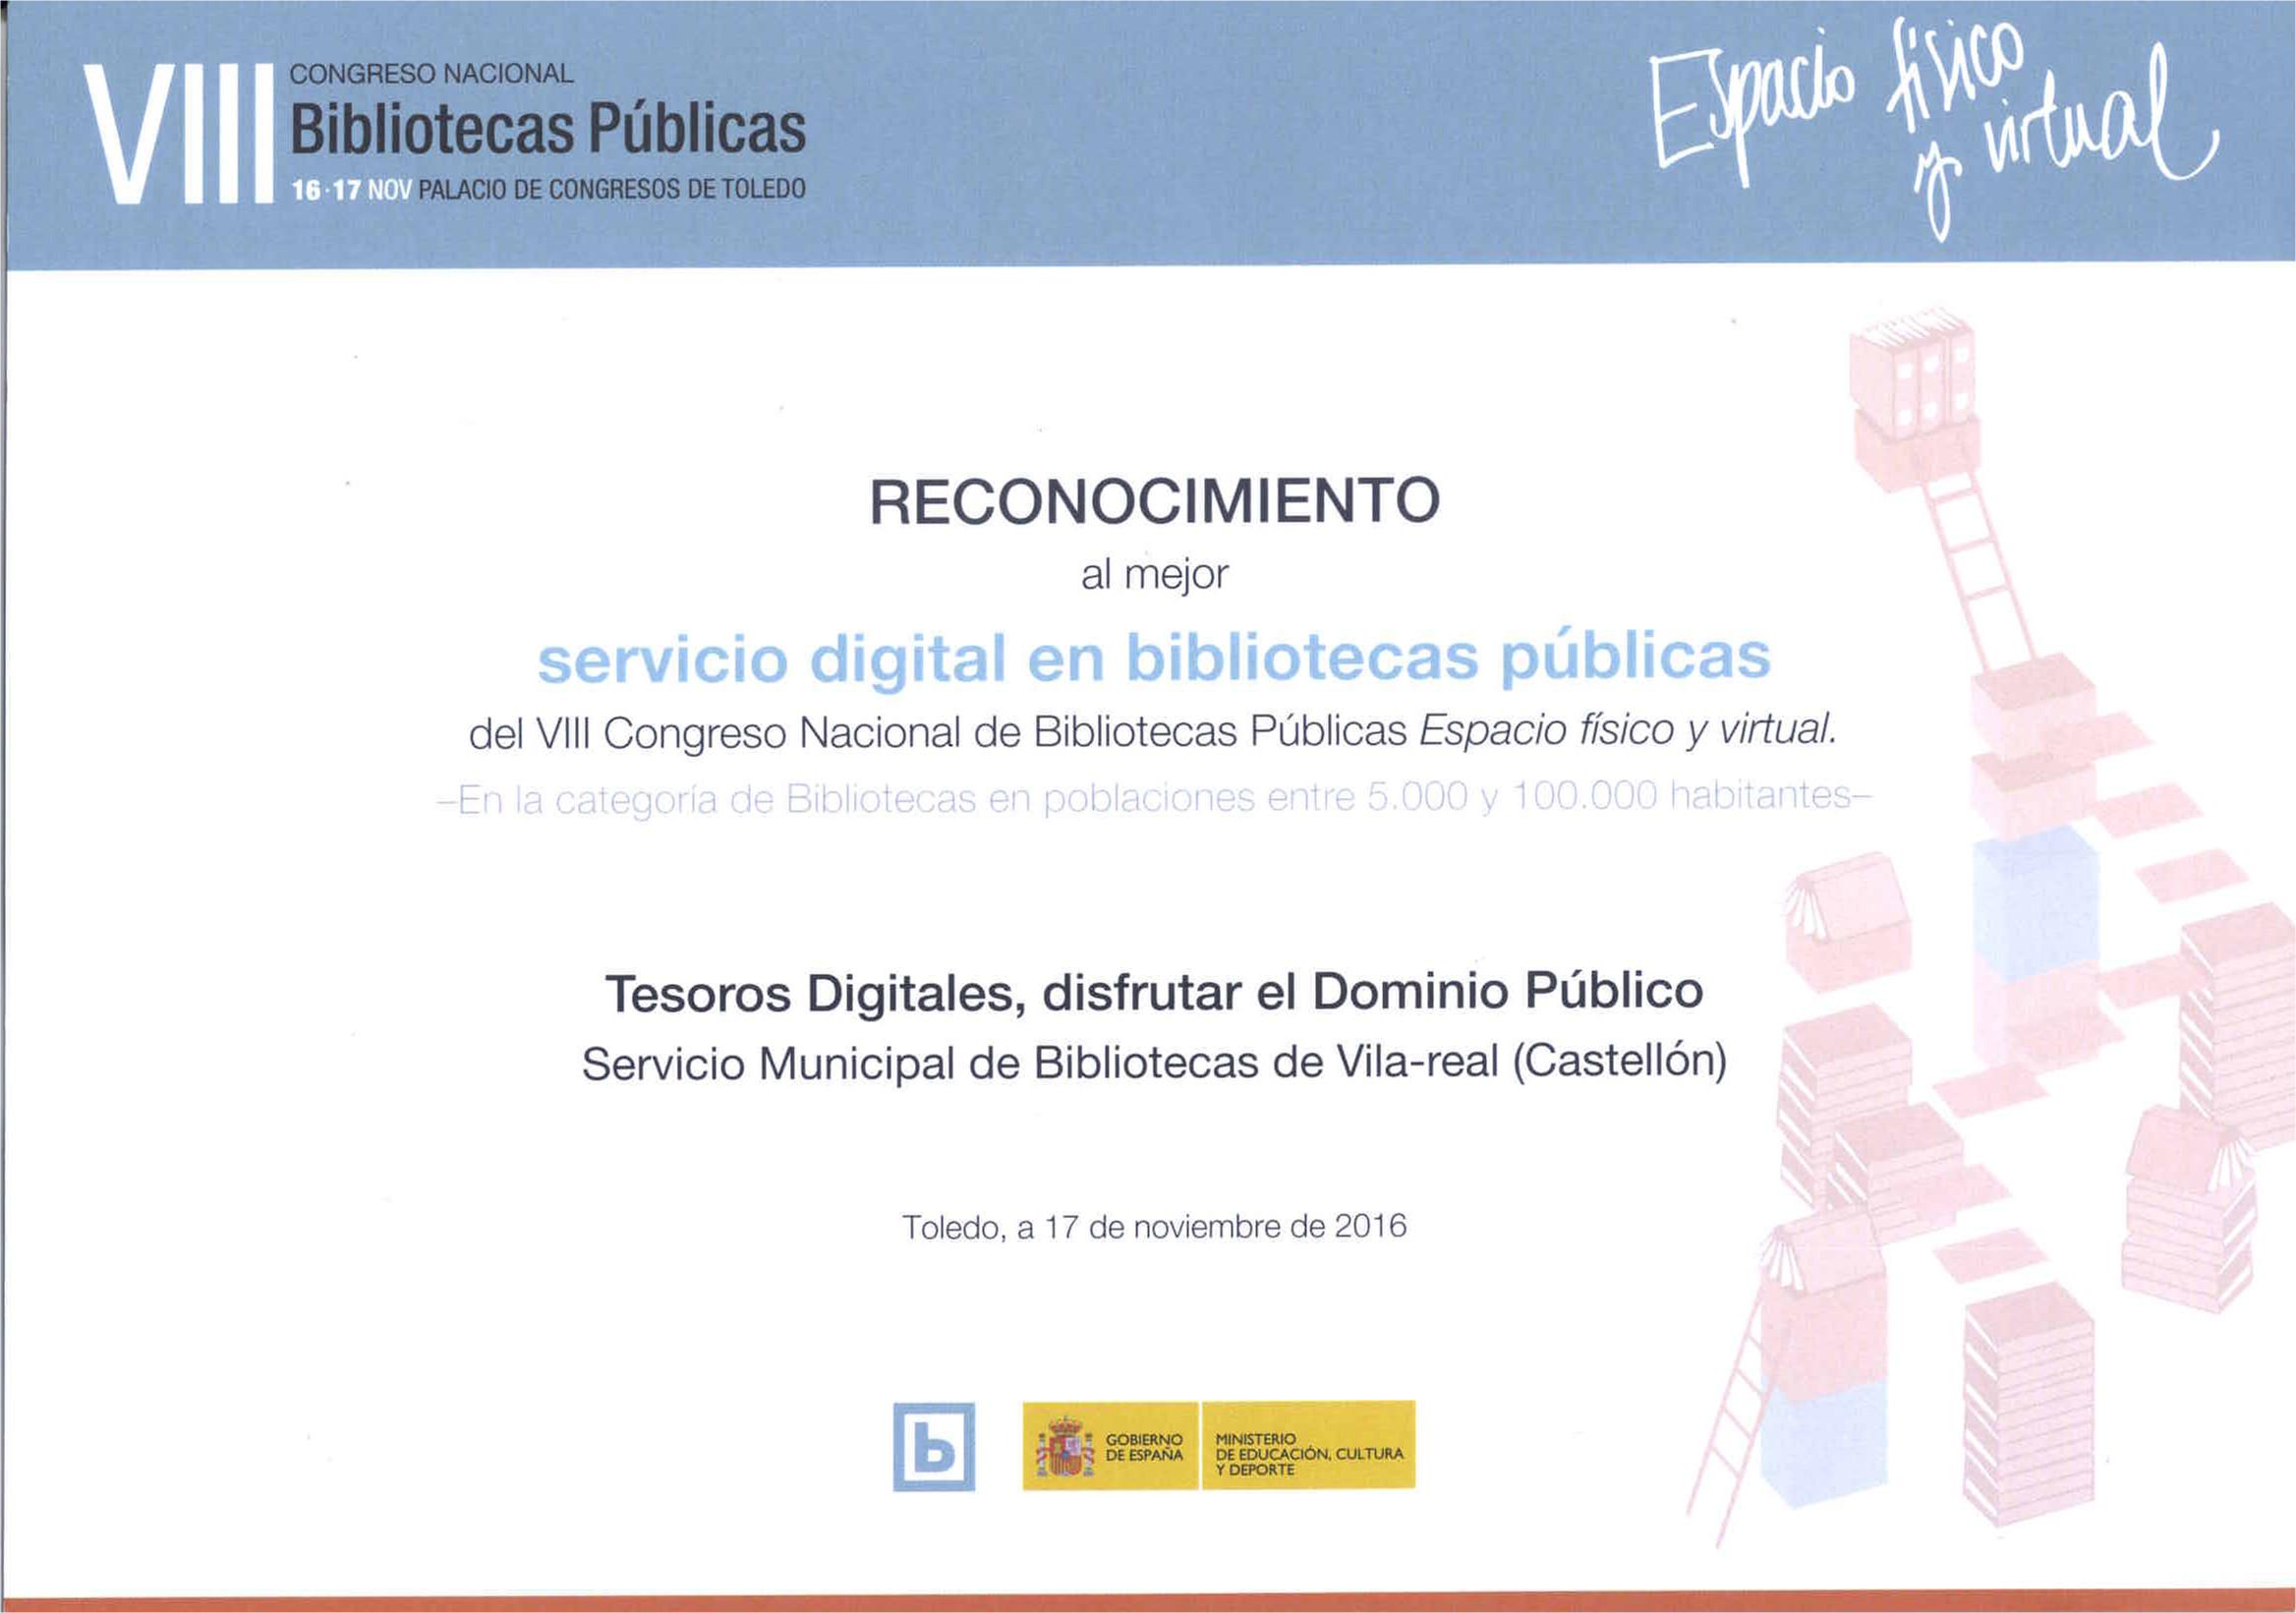 Tesoros Digitales | La revista digital de las Bibliotecas de Vila-real